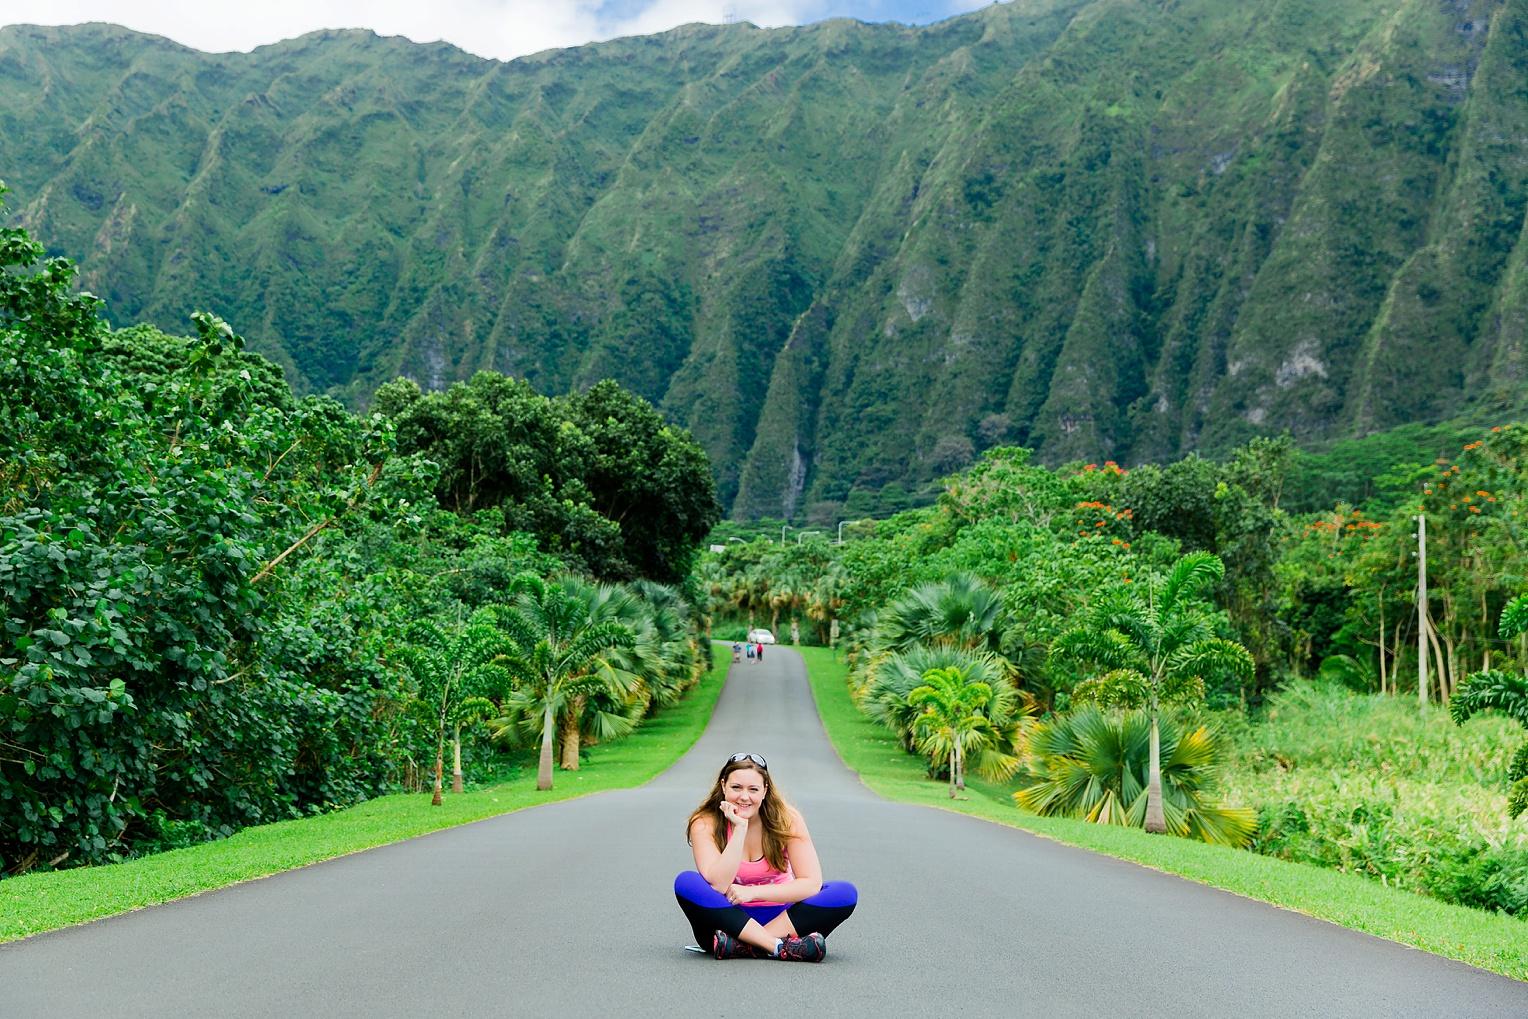 Hawaii Oahu Botanical Gardens Ko'olina Lagoon-9410.jpg